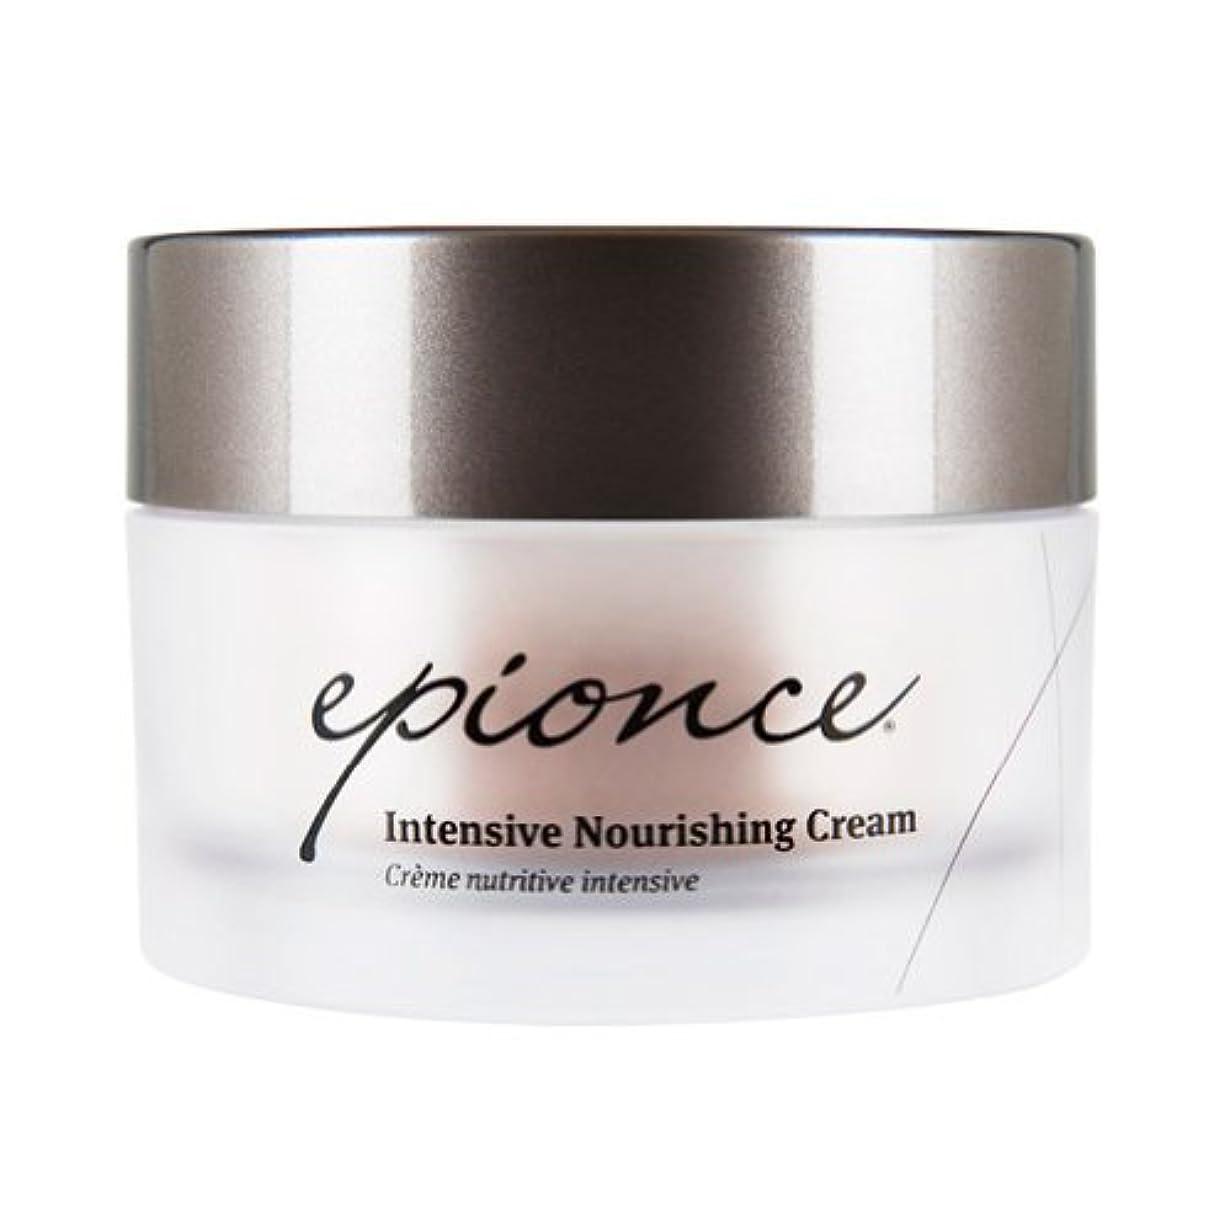 悔い改めペナルティ深さEpionce Intensive Nourishing Cream - For Extremely Dry/Photoaged Skin 50g/1.7oz並行輸入品